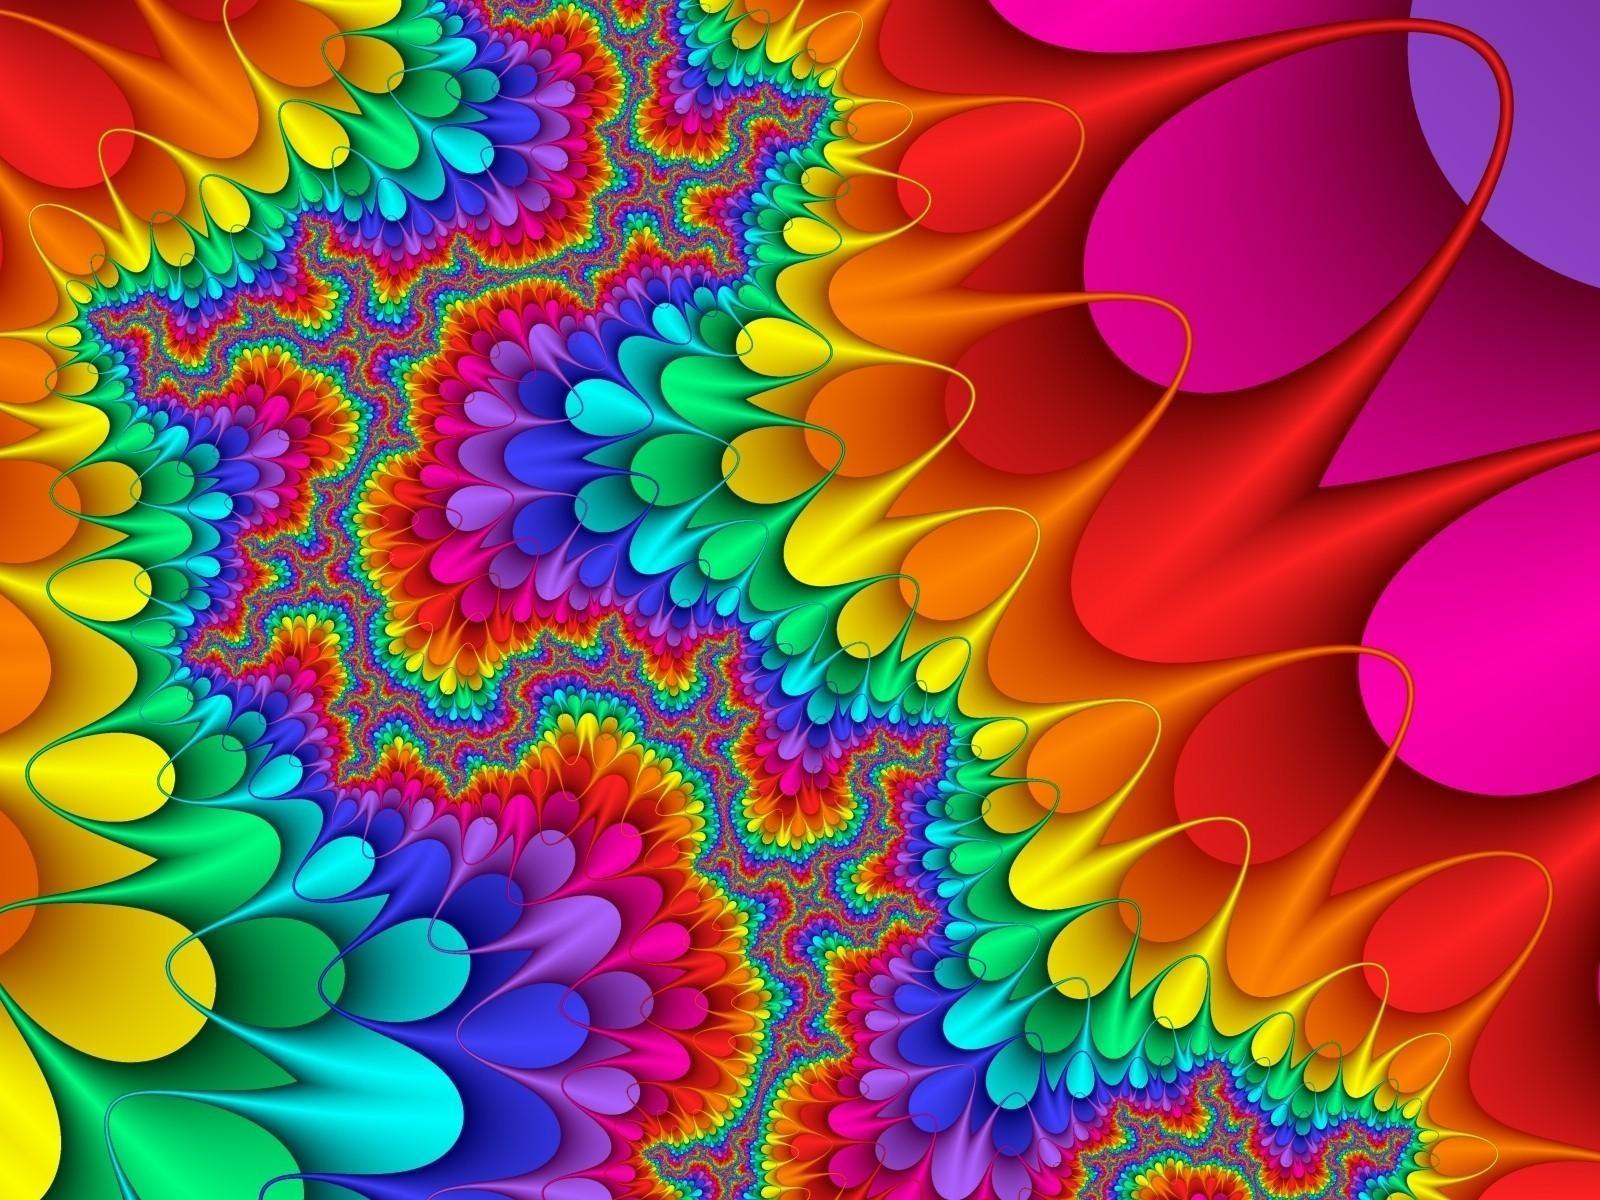 Abstracte achtergrond met een plaatje met alle kleuren van de 1600x1200